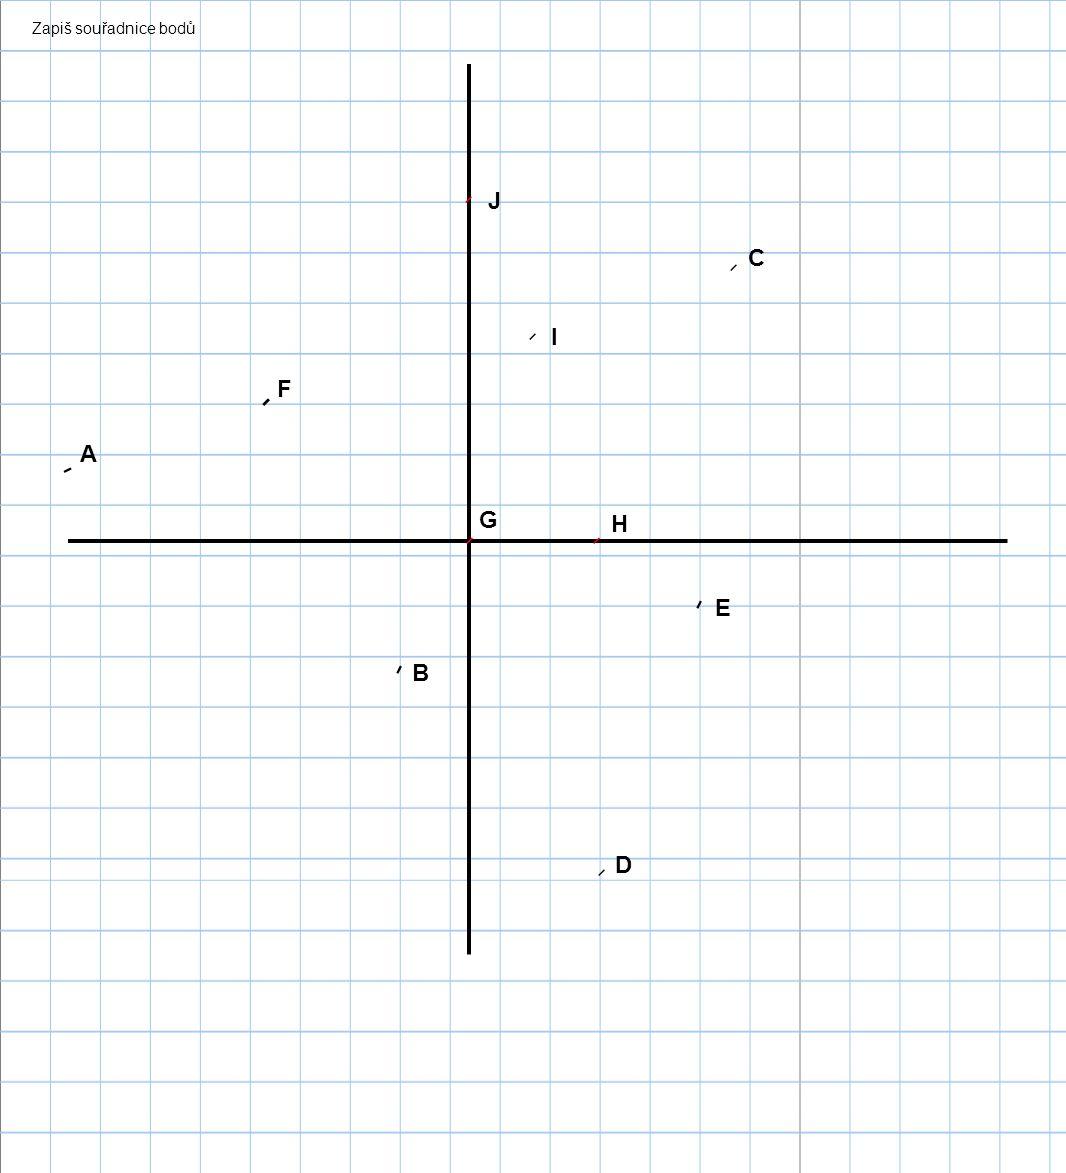 A B C D E F G H I J Zapiš souřadnice bodů